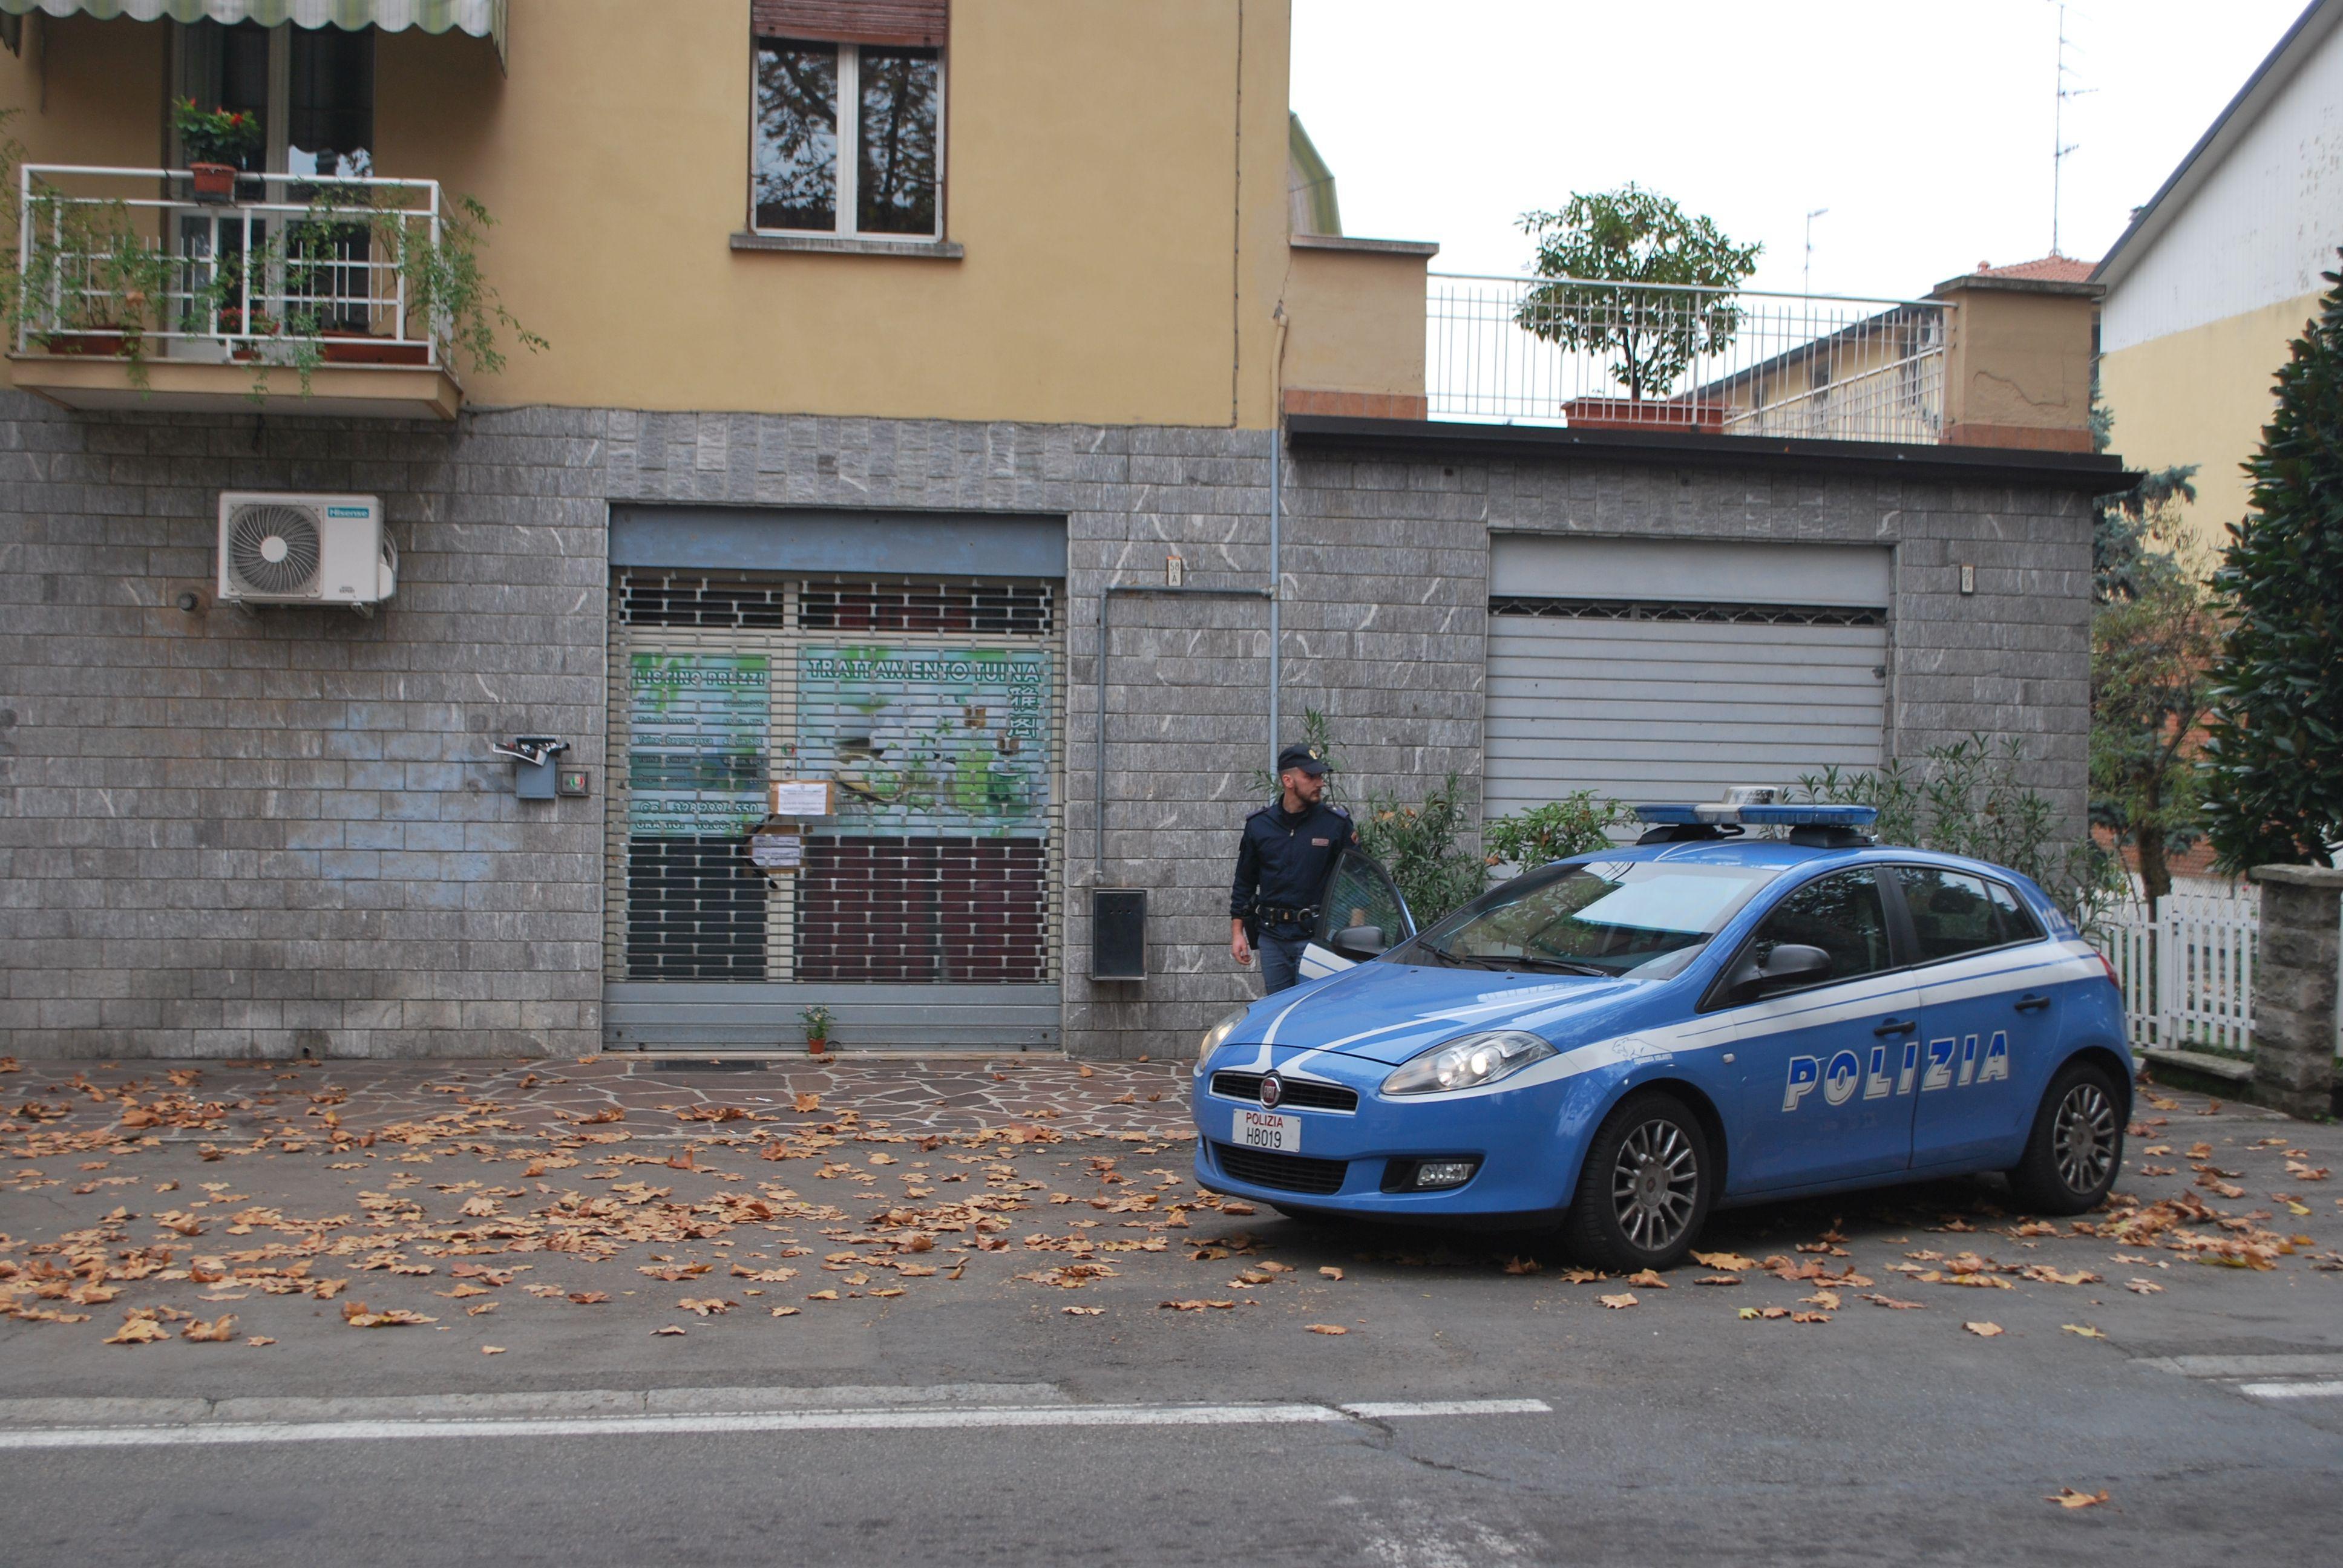 polizia di stato questure sul web reggio emilia